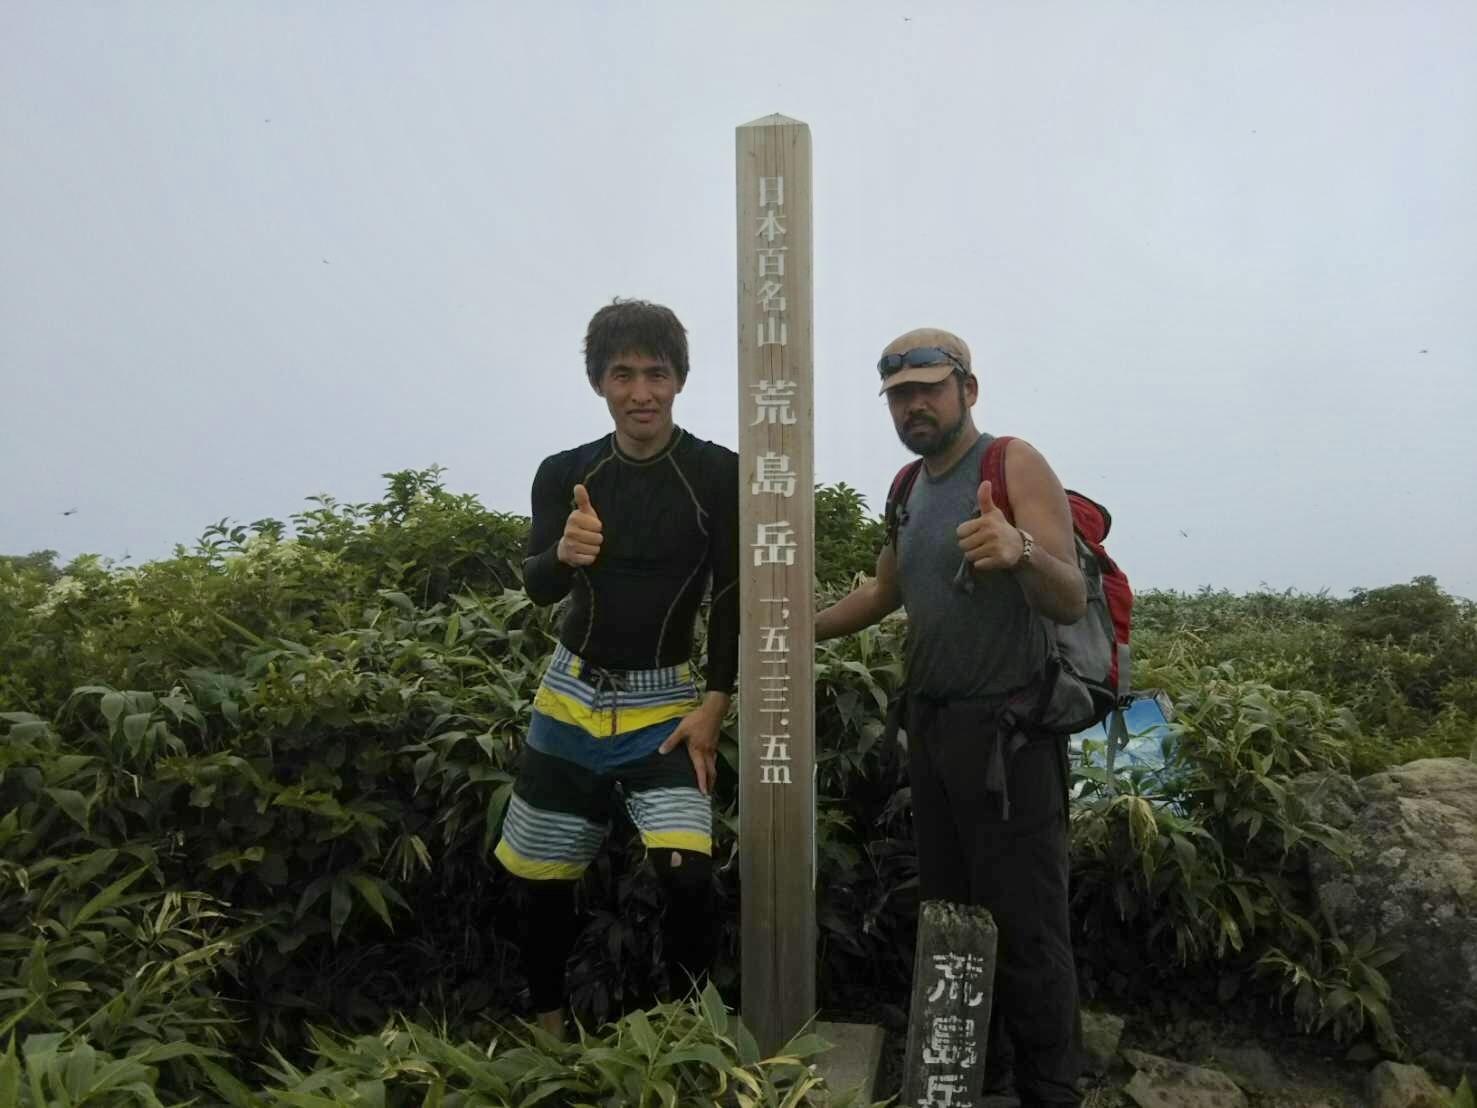 荒島岳 仏御前の滝 沢登り_c0192058_22281180.jpeg